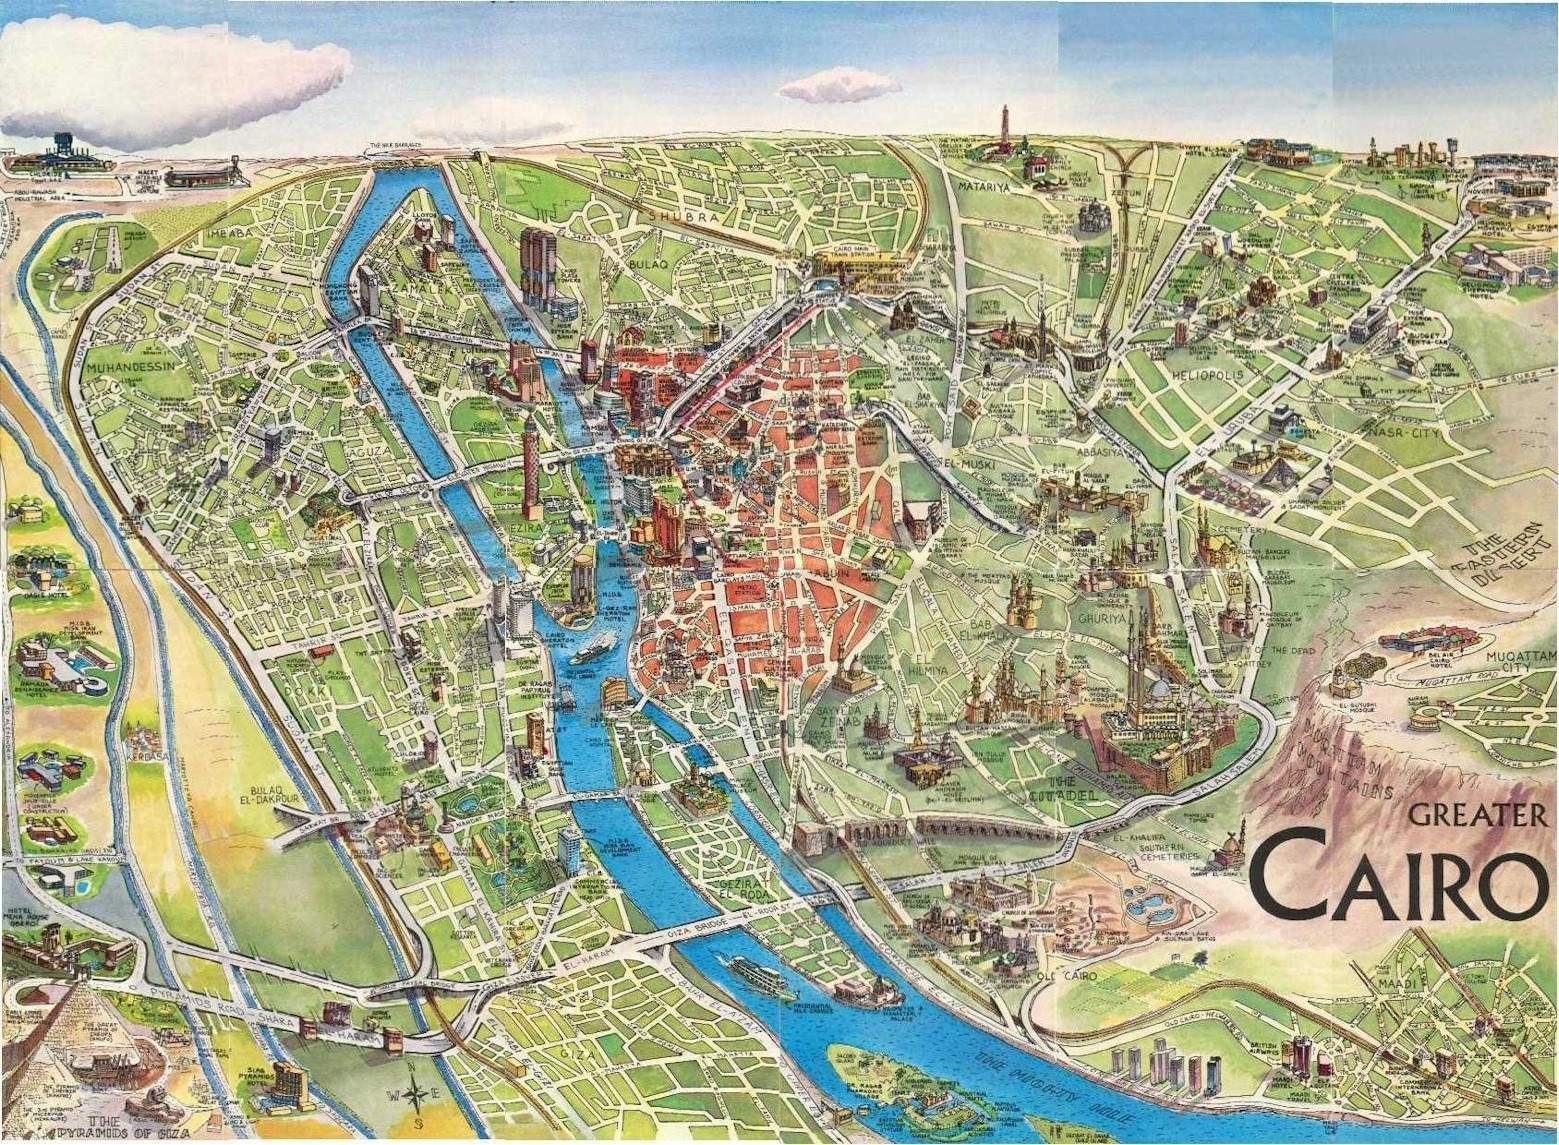 Cartina Turistica Egitto.Mappa Turistica Di Il Cairo Egitto Mappa Turistica Di Il Cairo Egitto Egitto